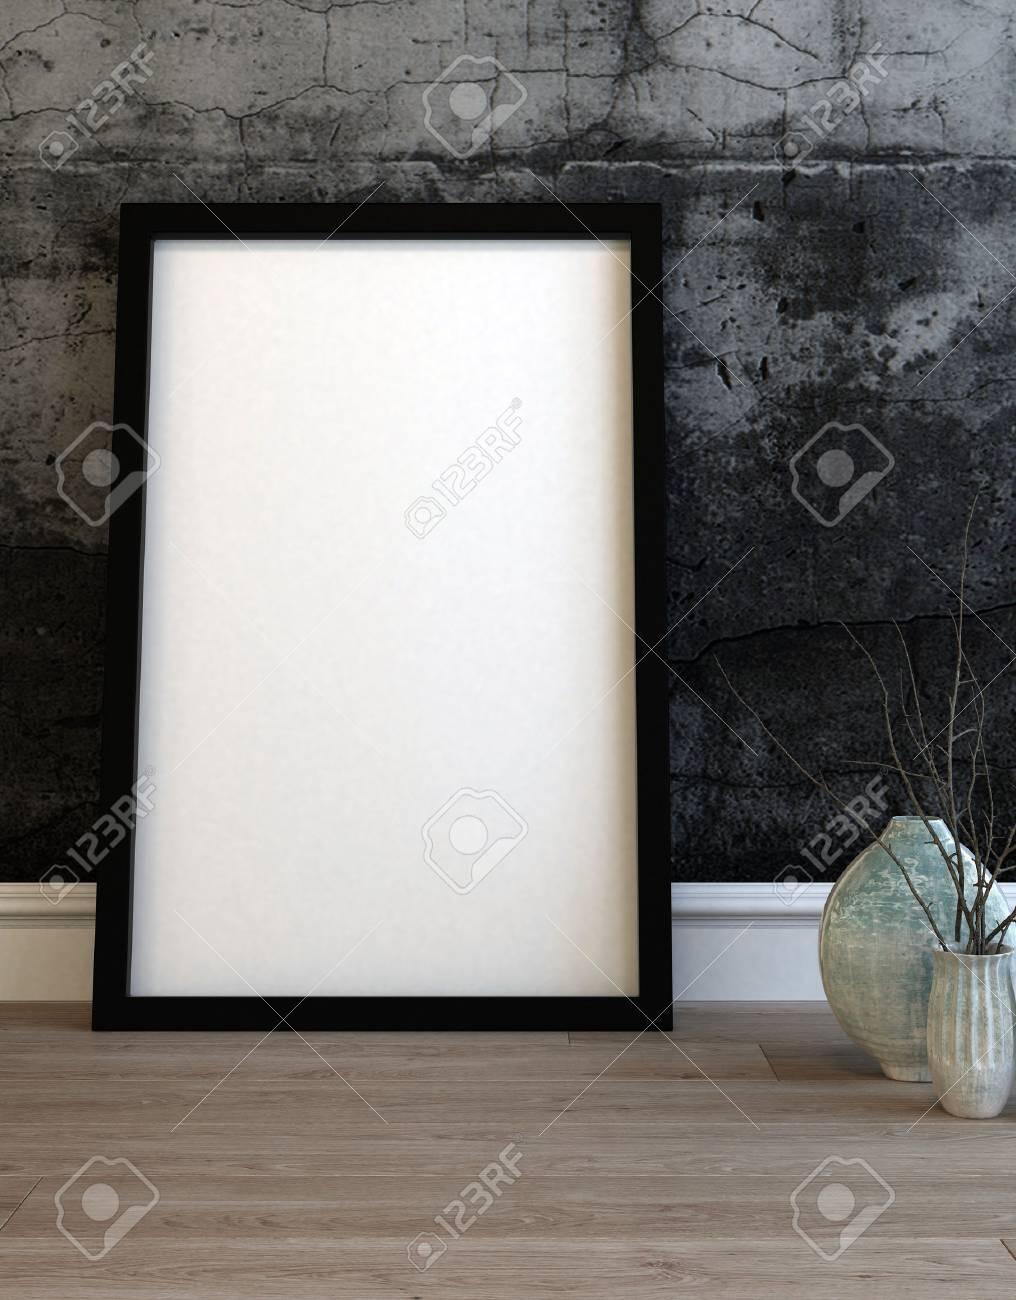 Wunderbar Schwarze Metallbilderrahmen Fotos - Rahmen Ideen ...